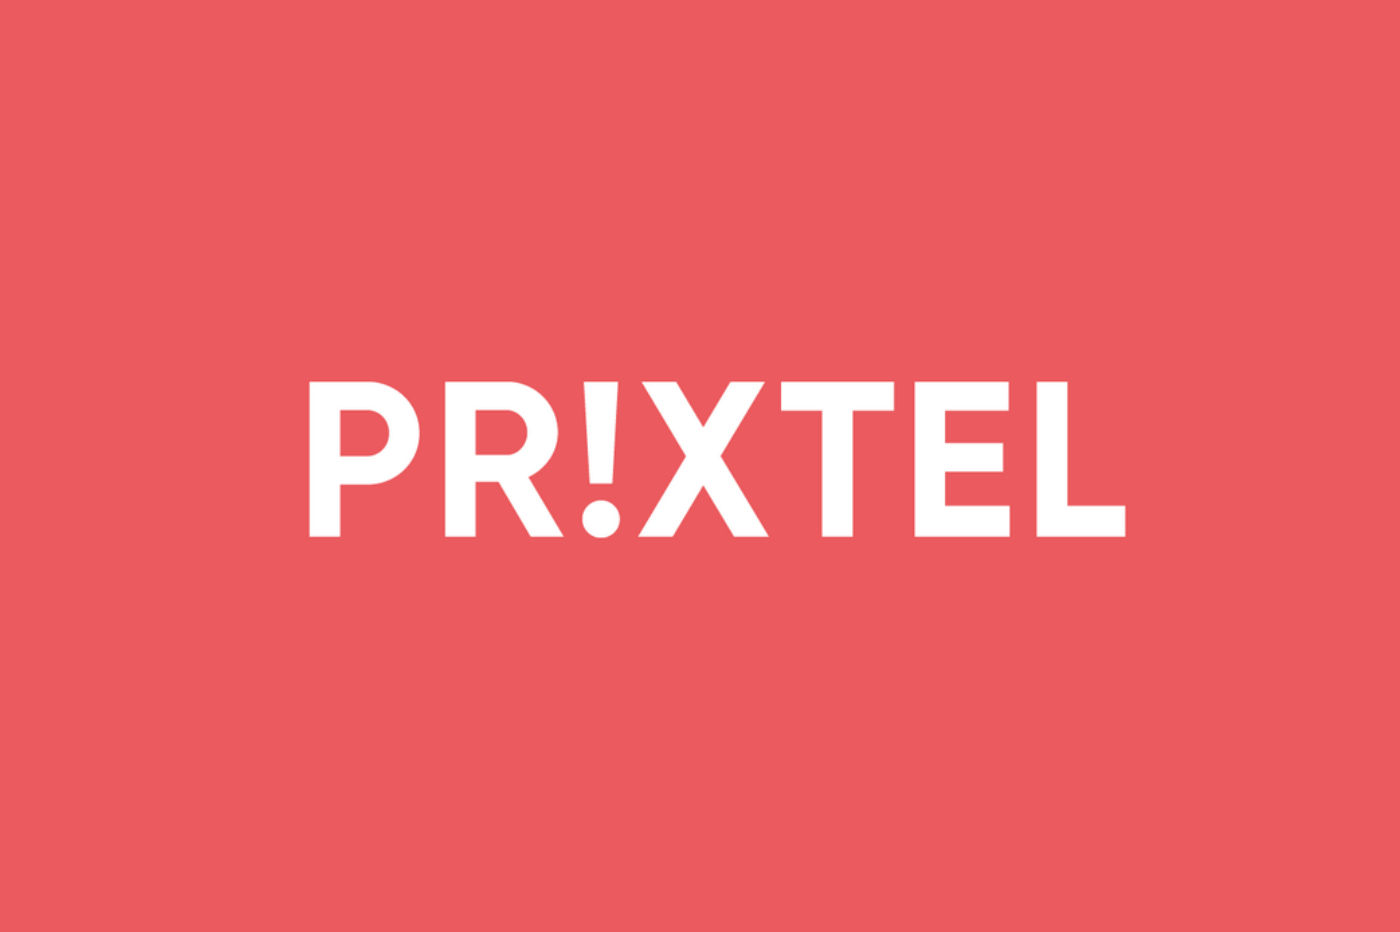 Contacter Prixtel assistance en ligne, service clients